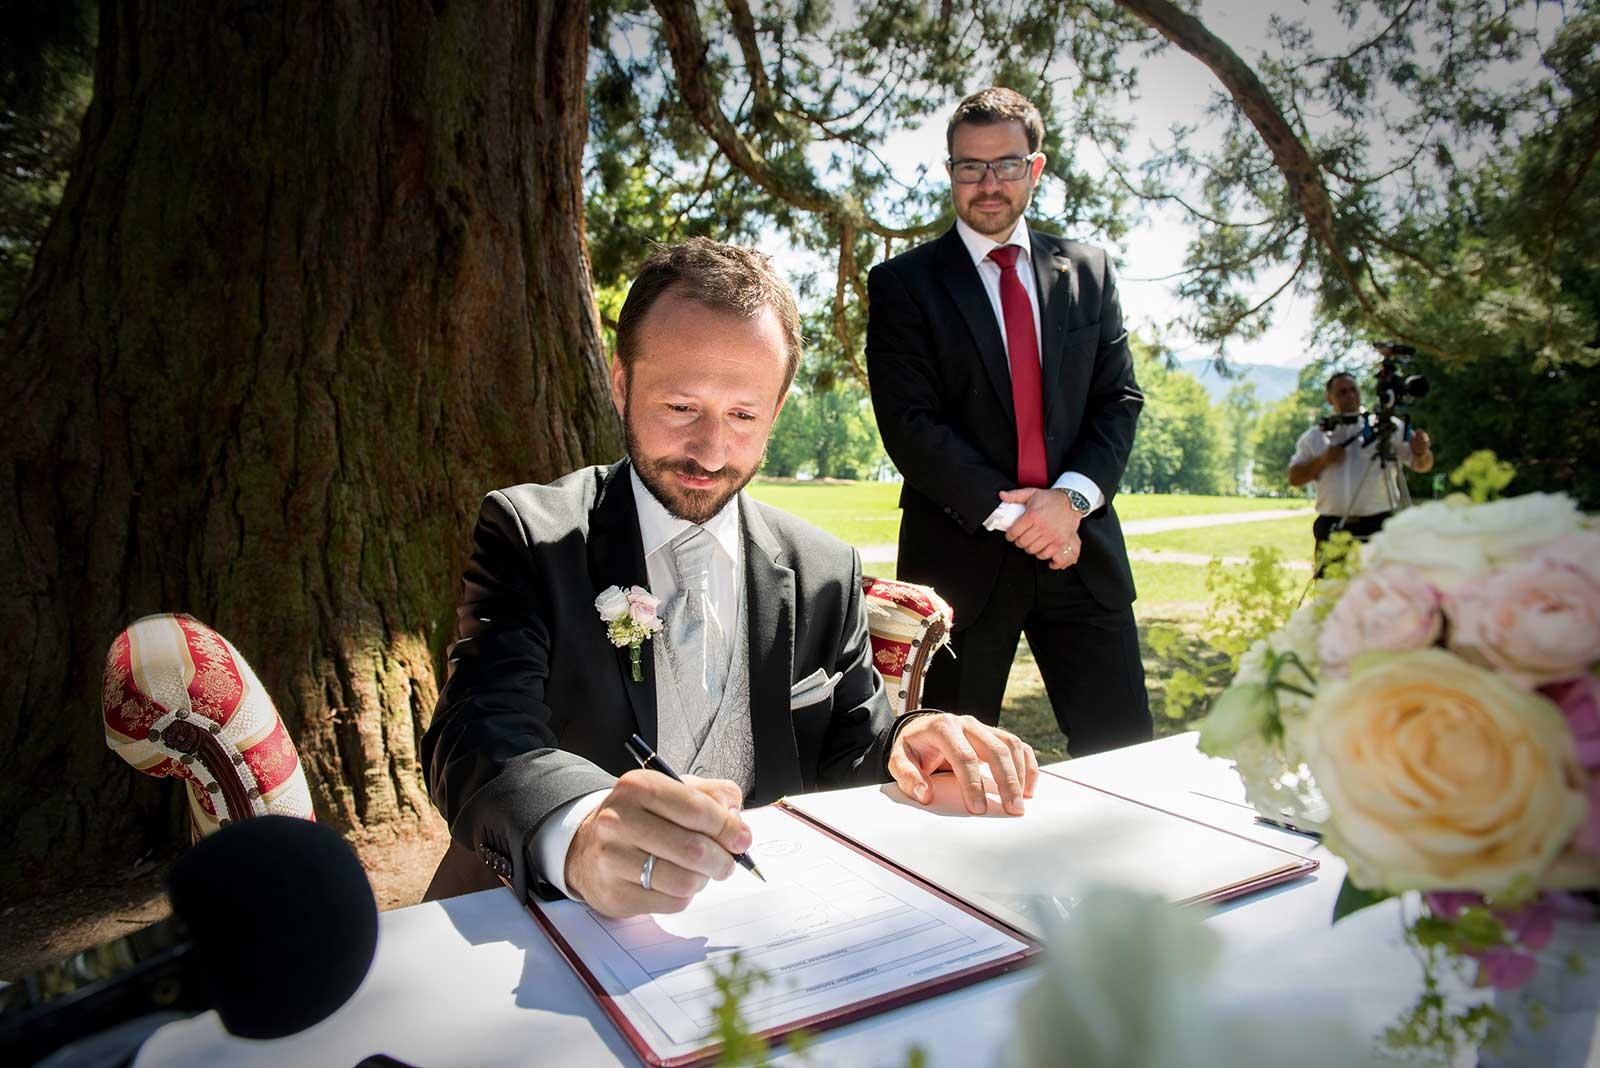 25 svatebni foto Brautigam Hochzeitszeremonie am See Traunsee gmunden